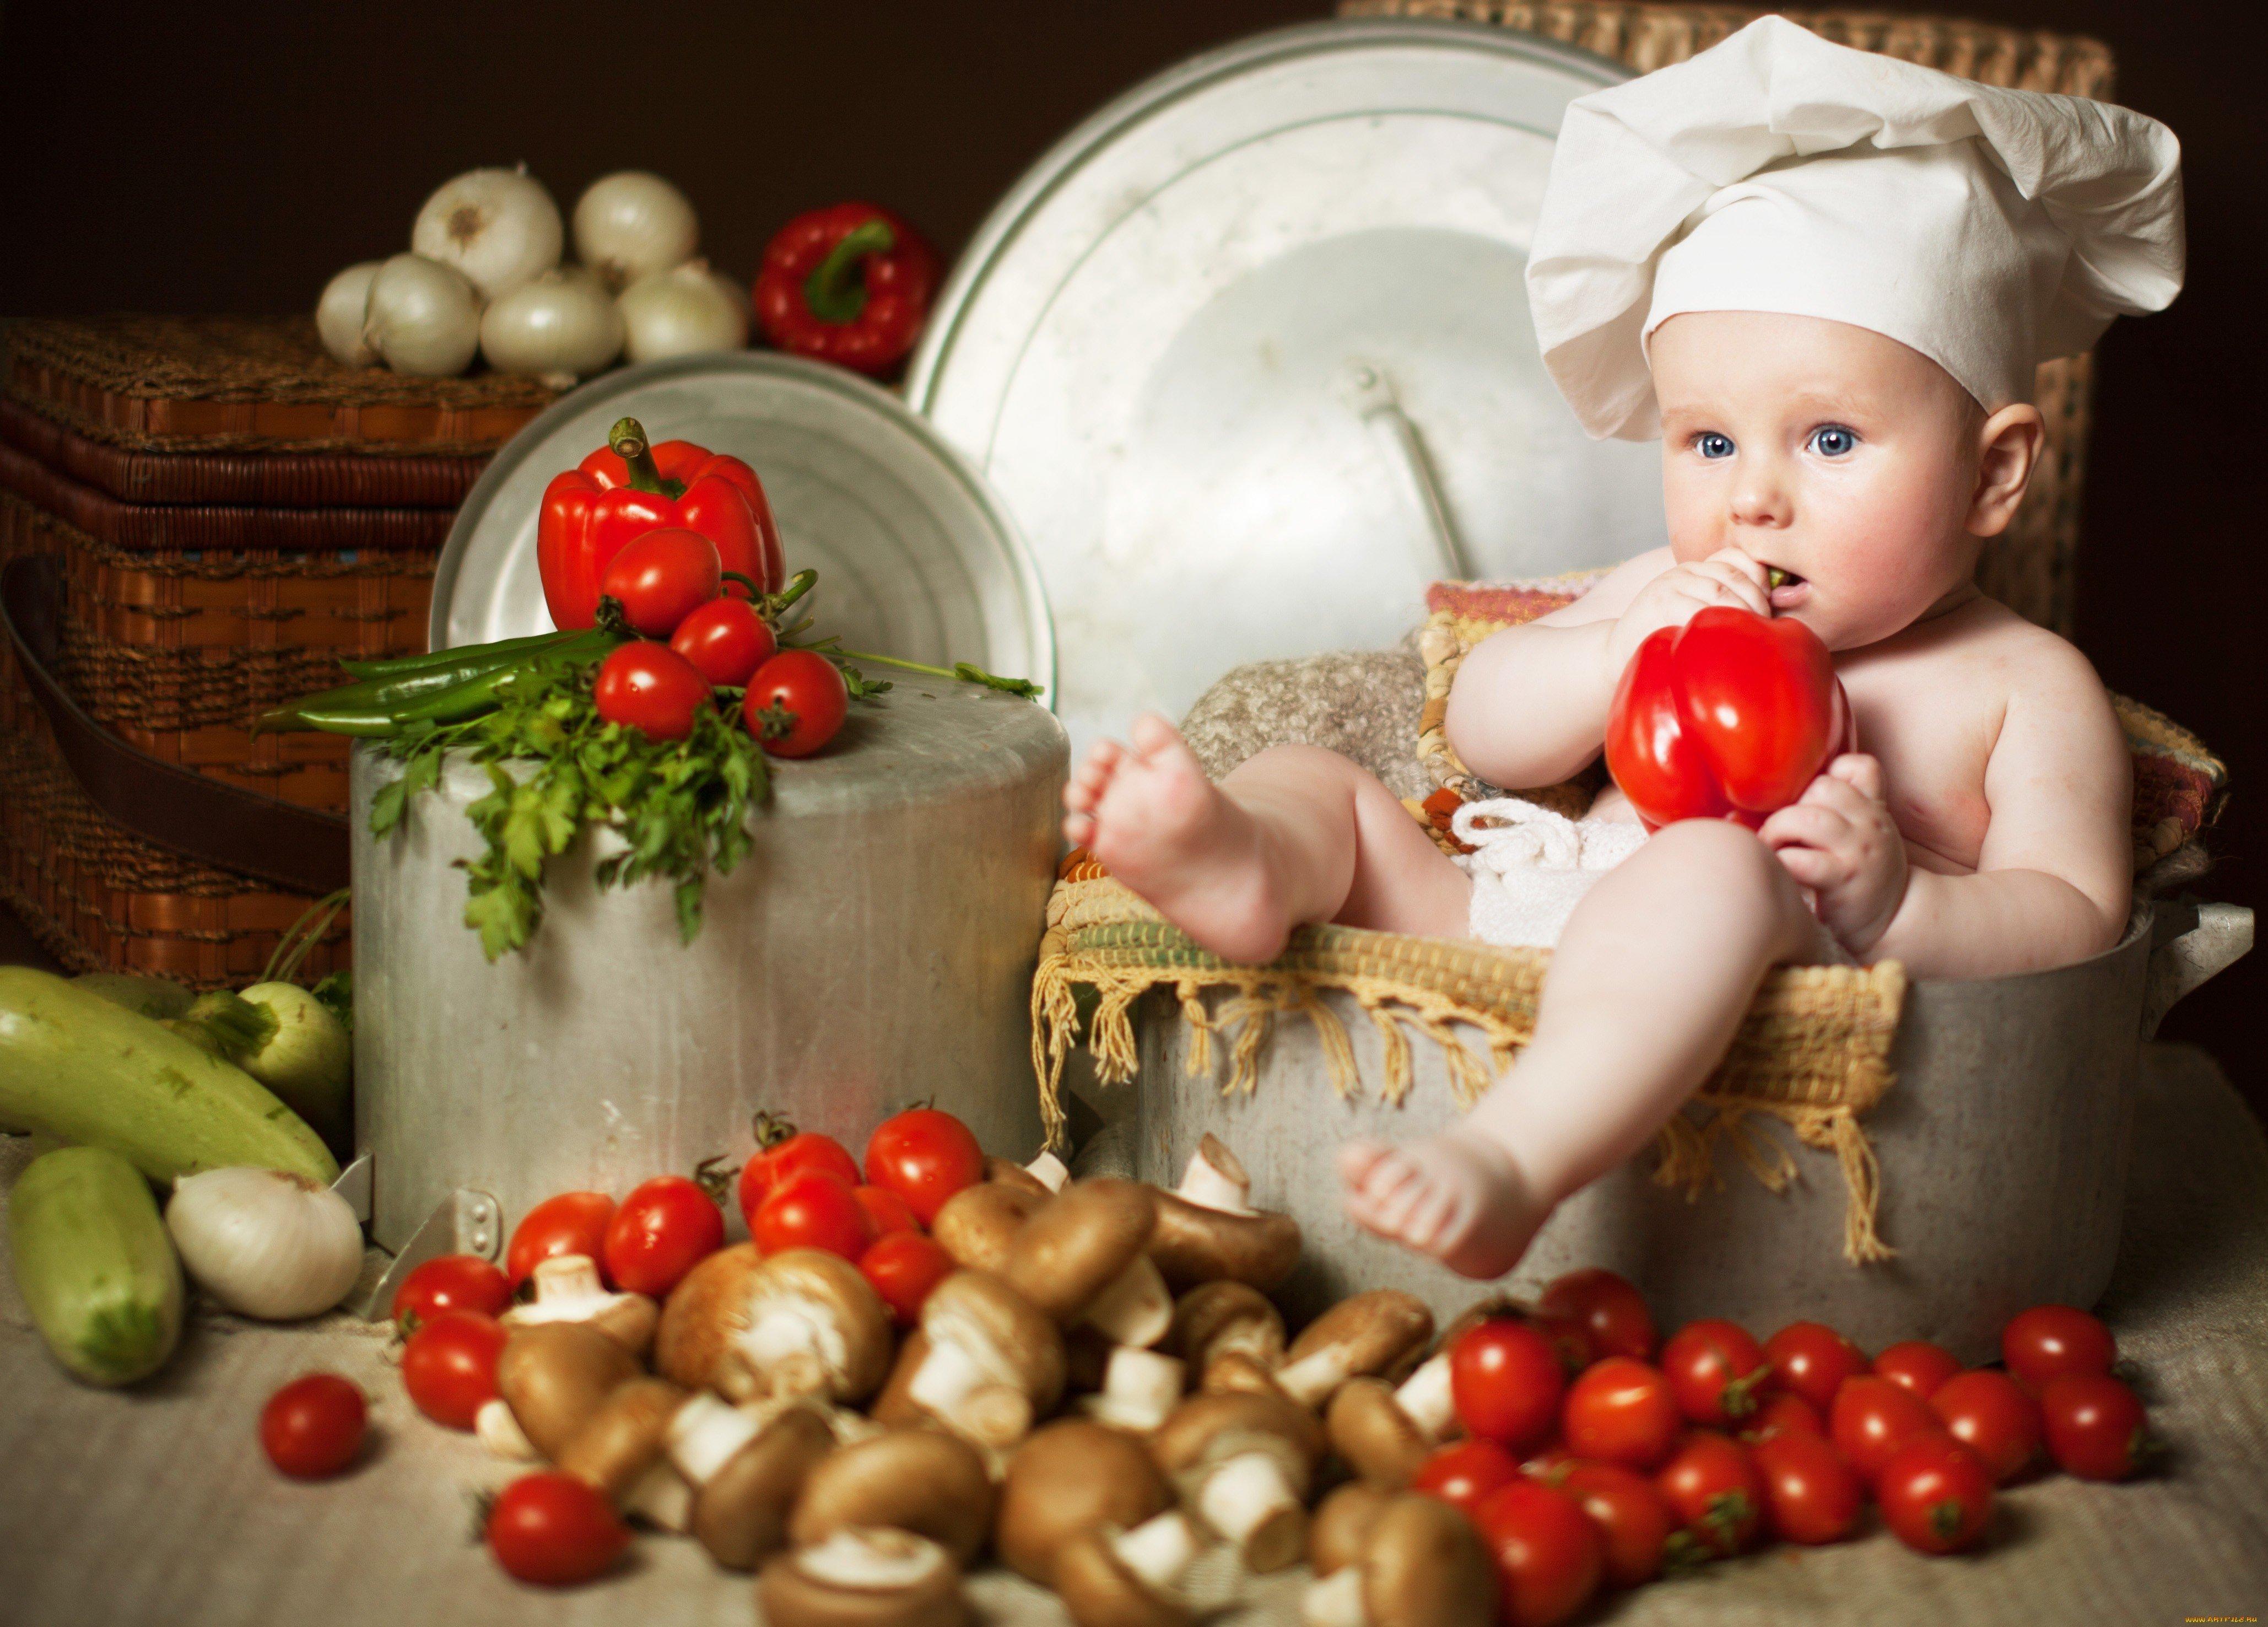 Можно ли давать грибы ребёнку, и в каком возрасте?